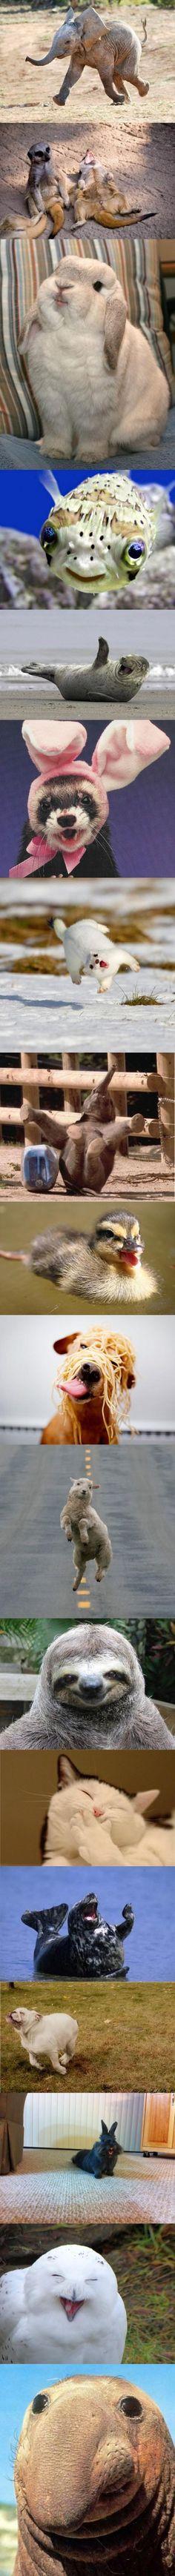 Love happy animals. :-)